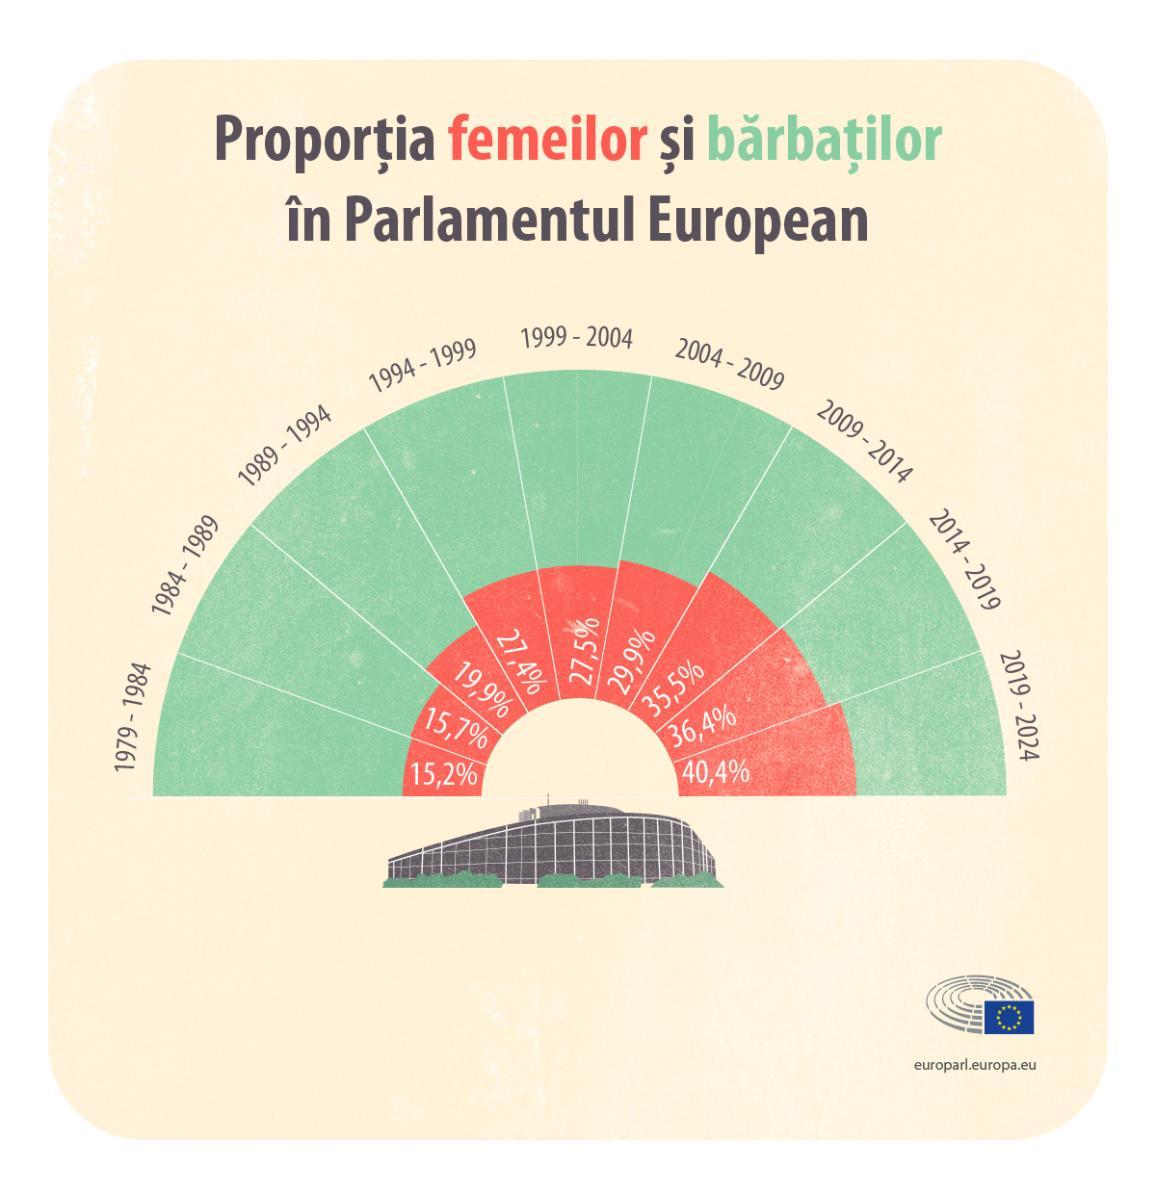 Proporția femeilor și bărbaților în Parlamentul European